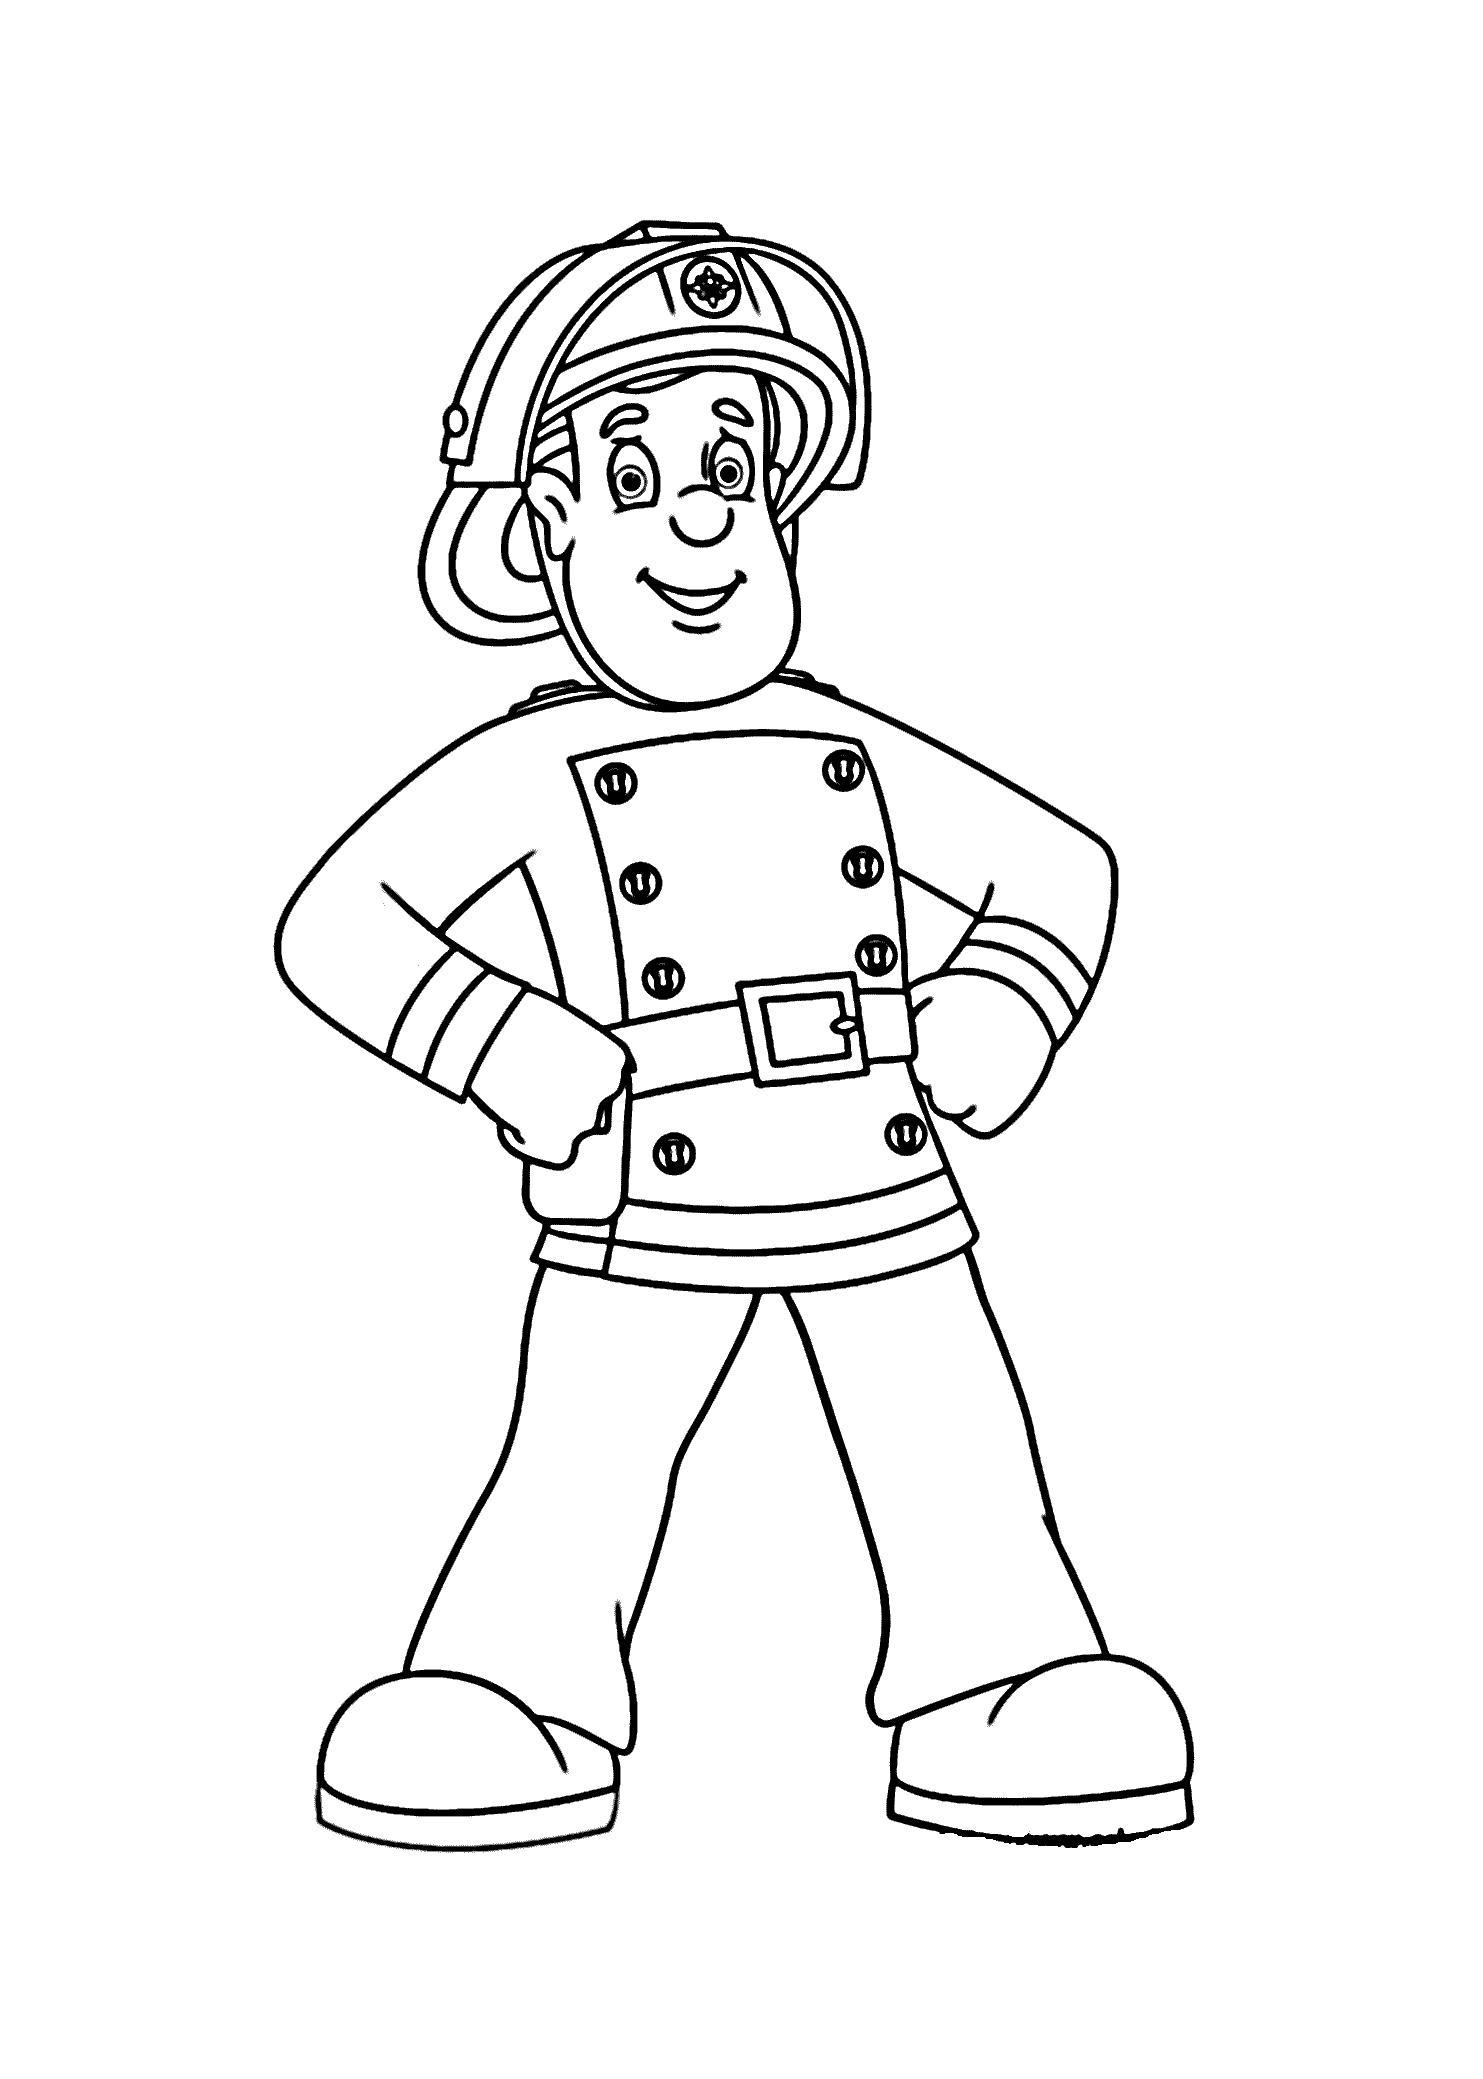 Пожарный Раскраски для детей мальчиков